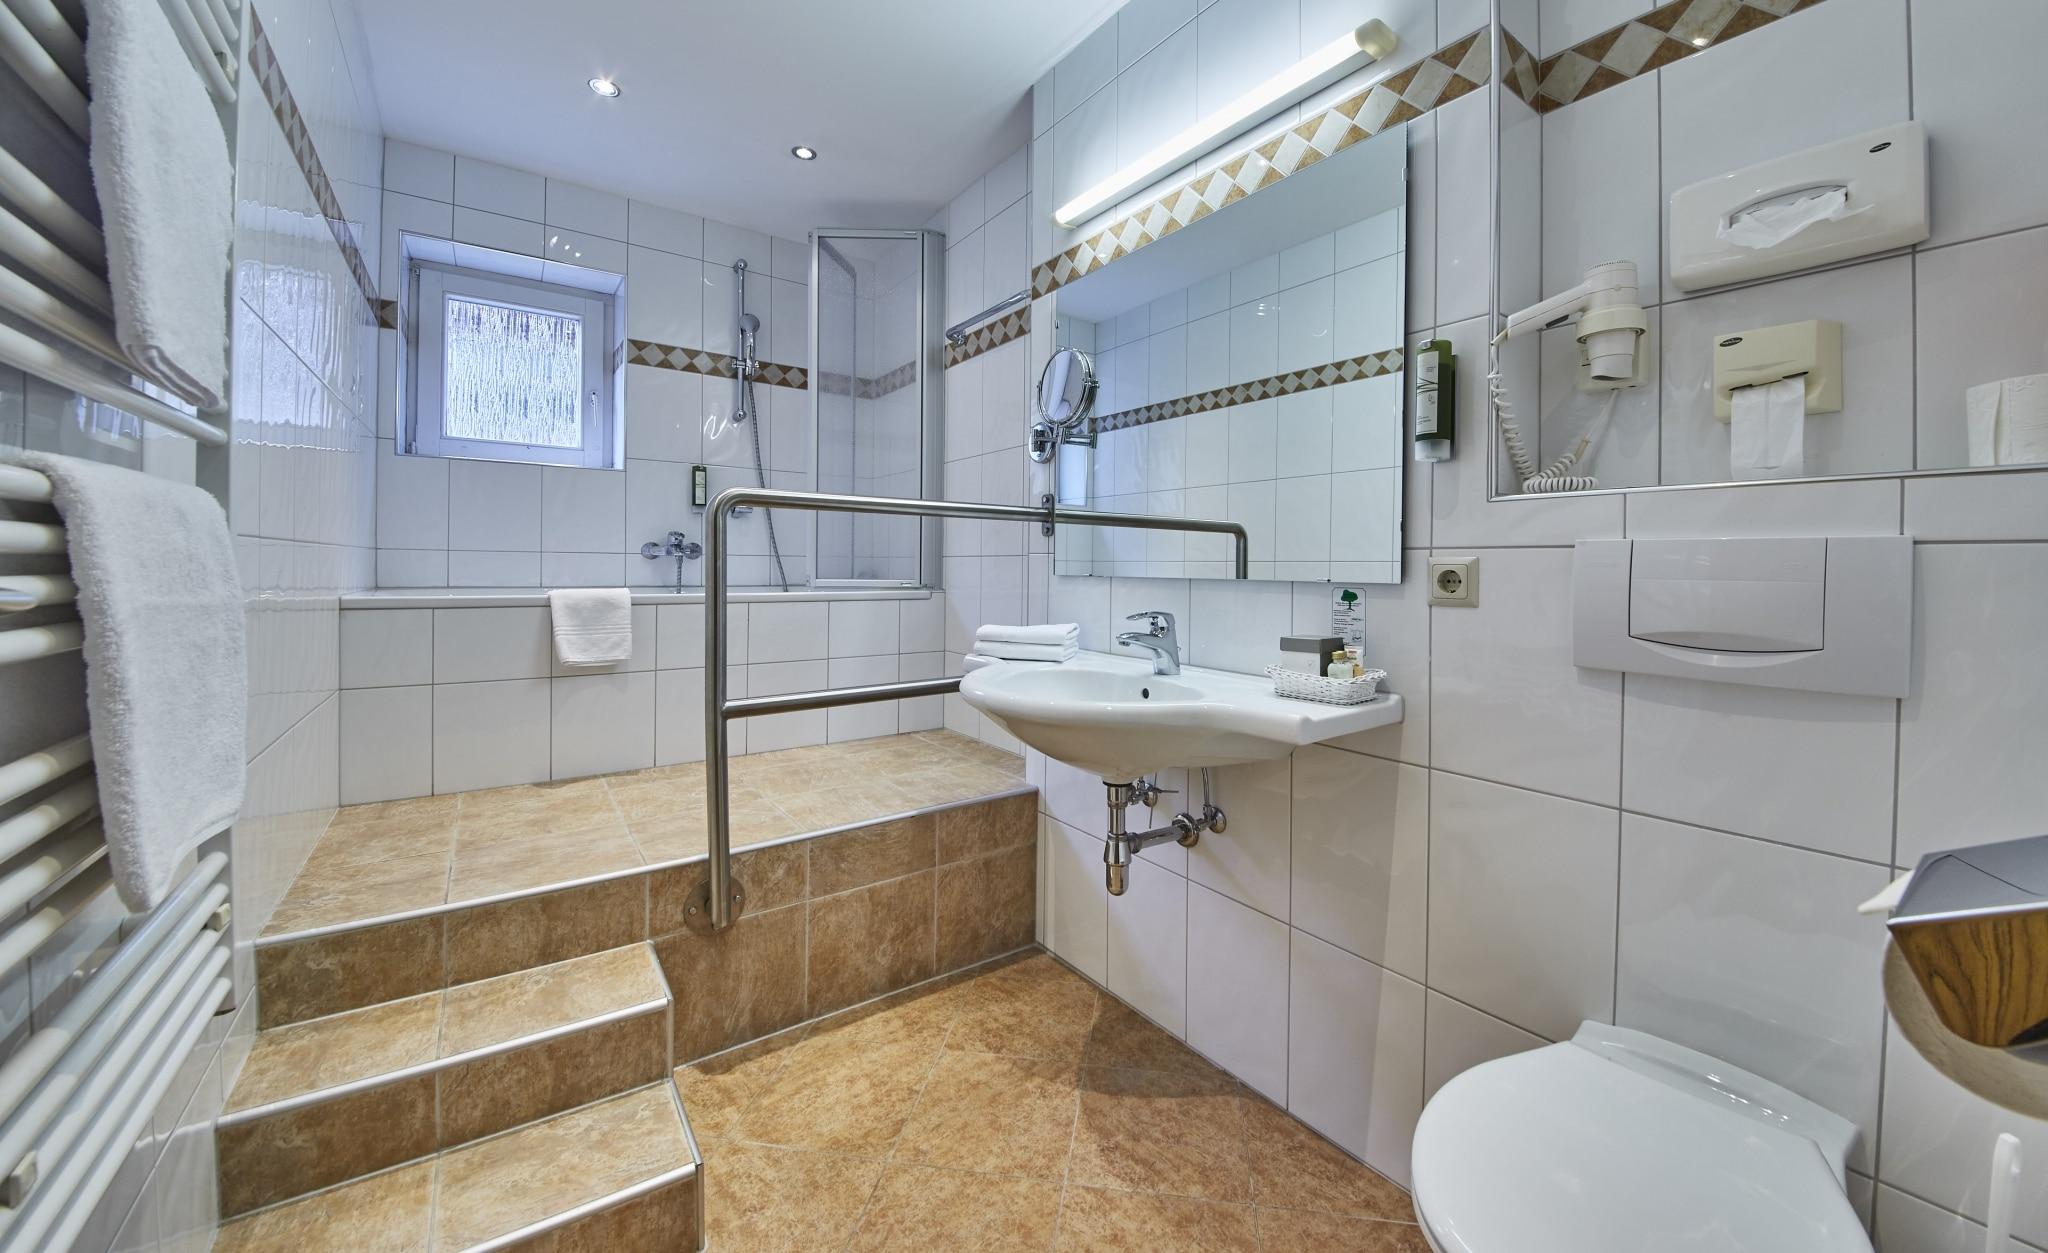 Blick in eines unserer Badezimmer mit einer Badewanne und dem Waschbecken